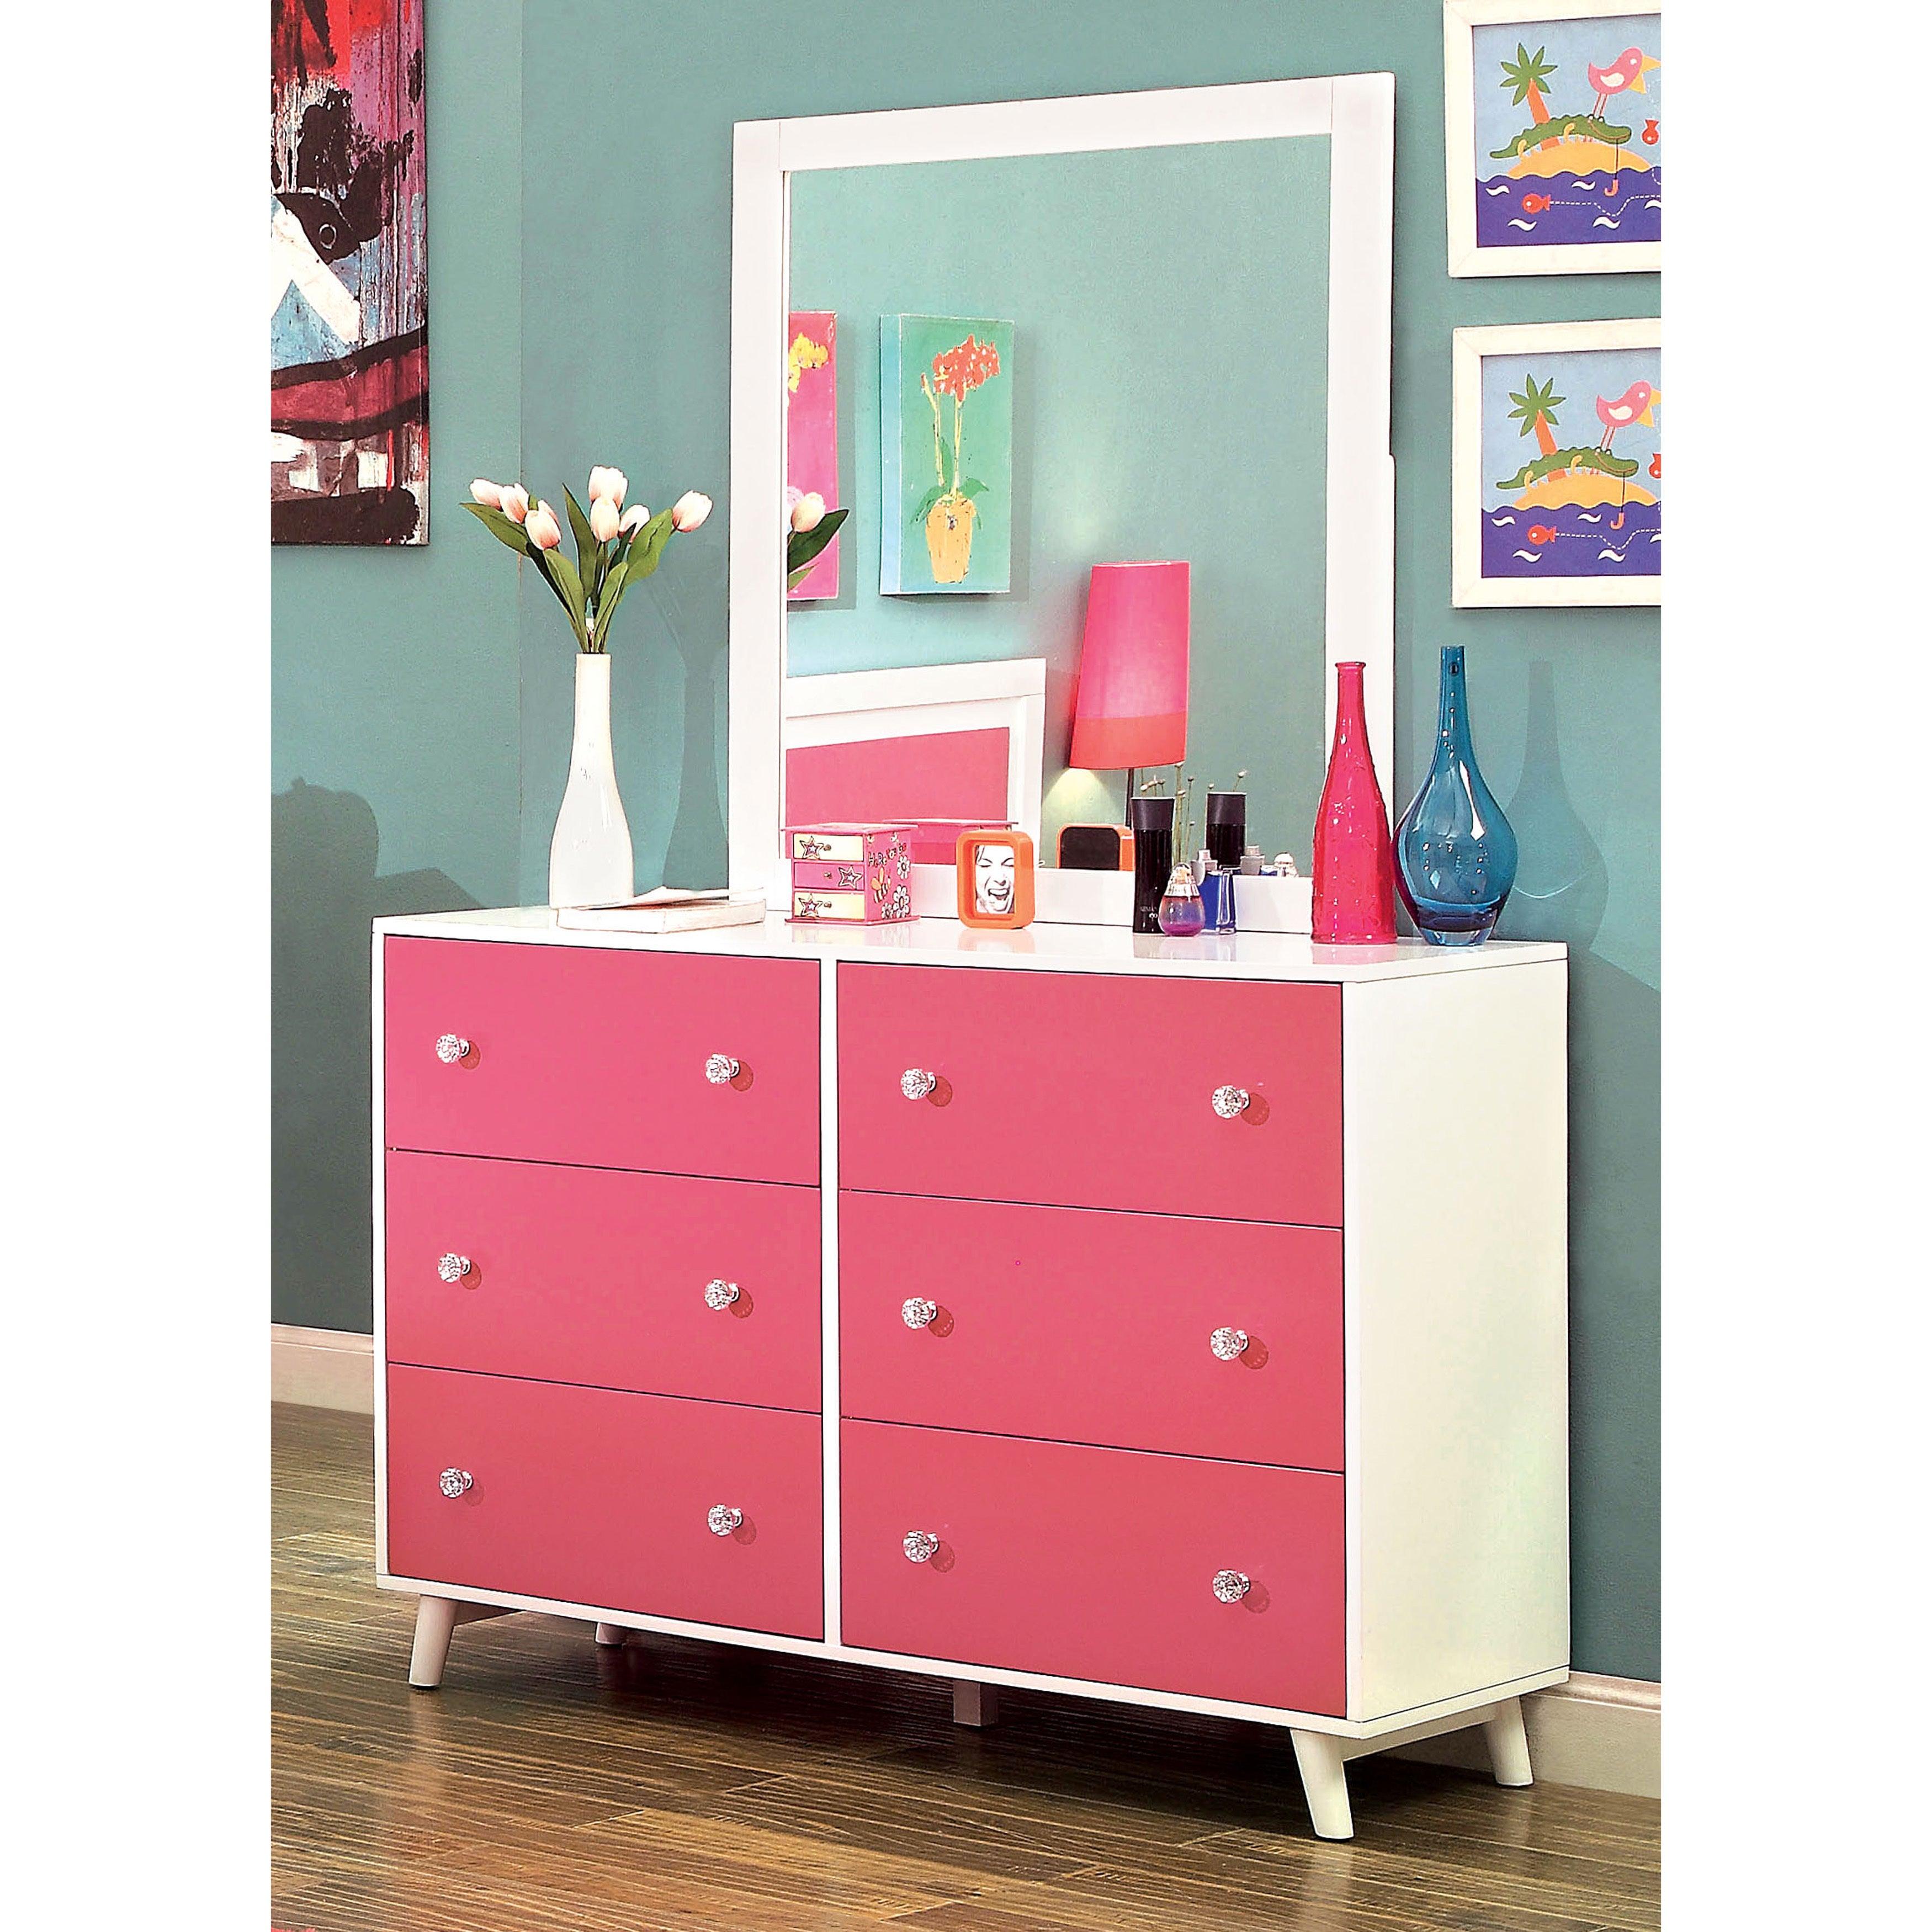 Furniture Of America Kude Pink 2